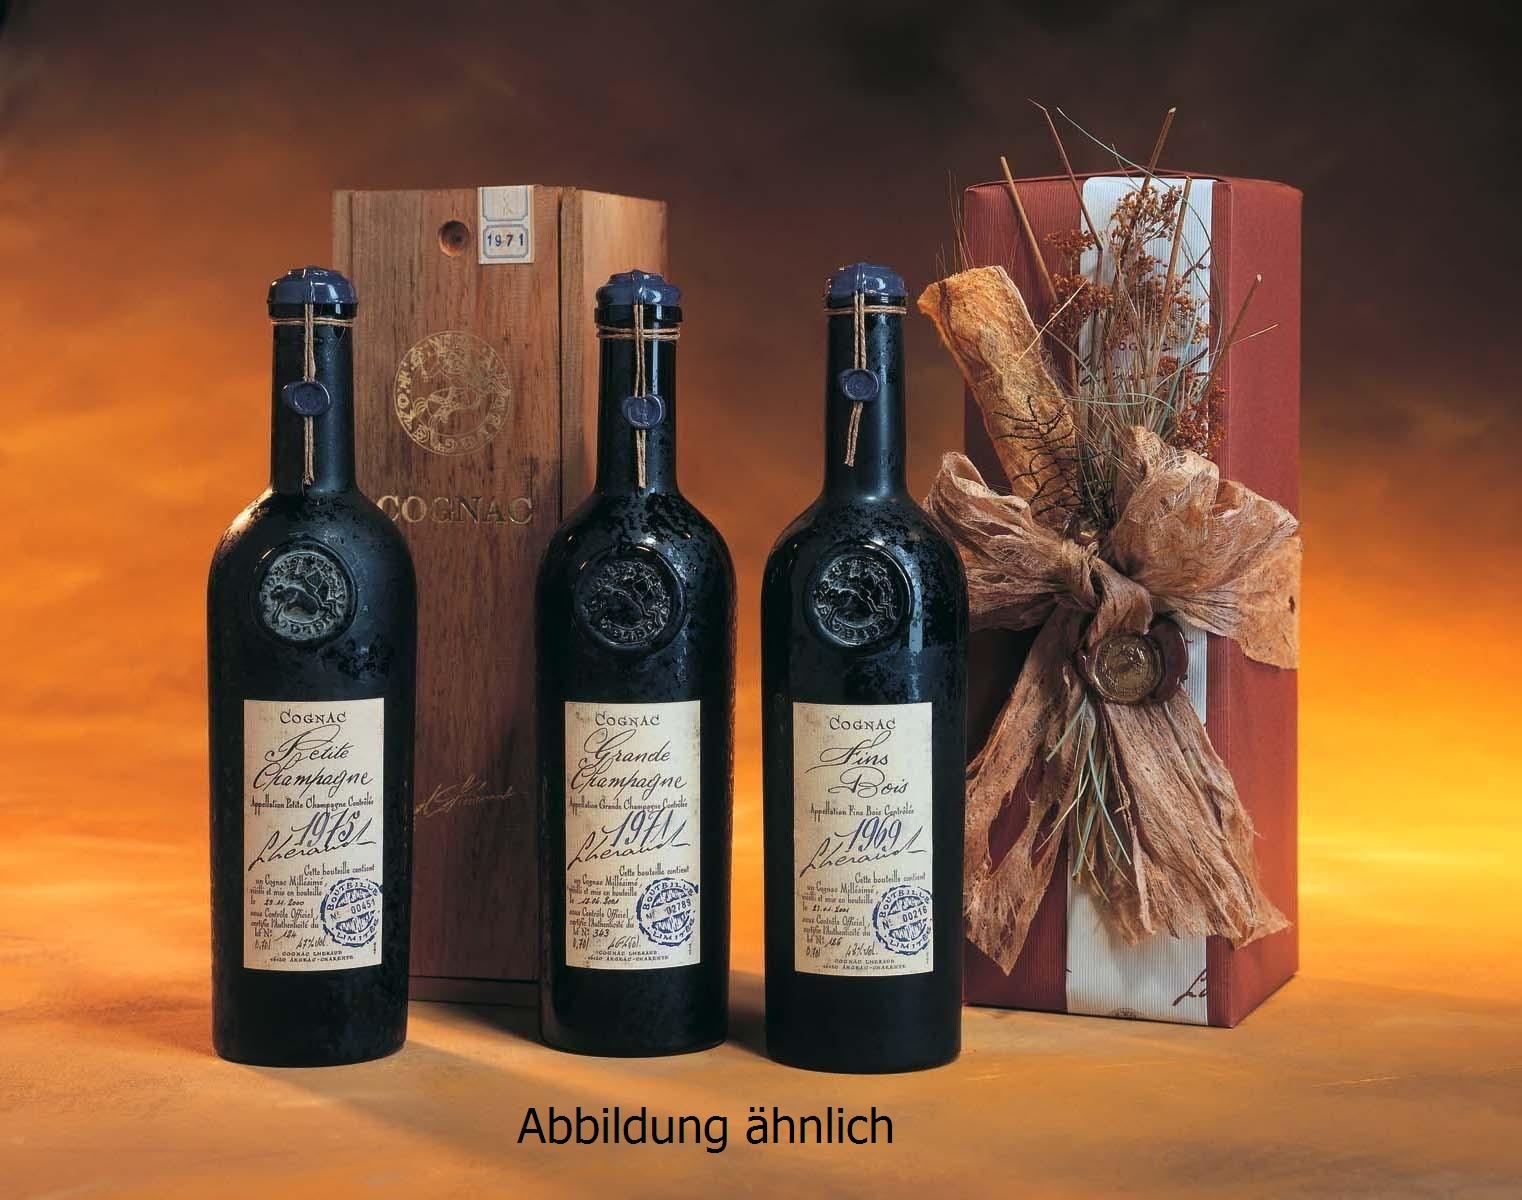 Cognac 1938 Lheraud